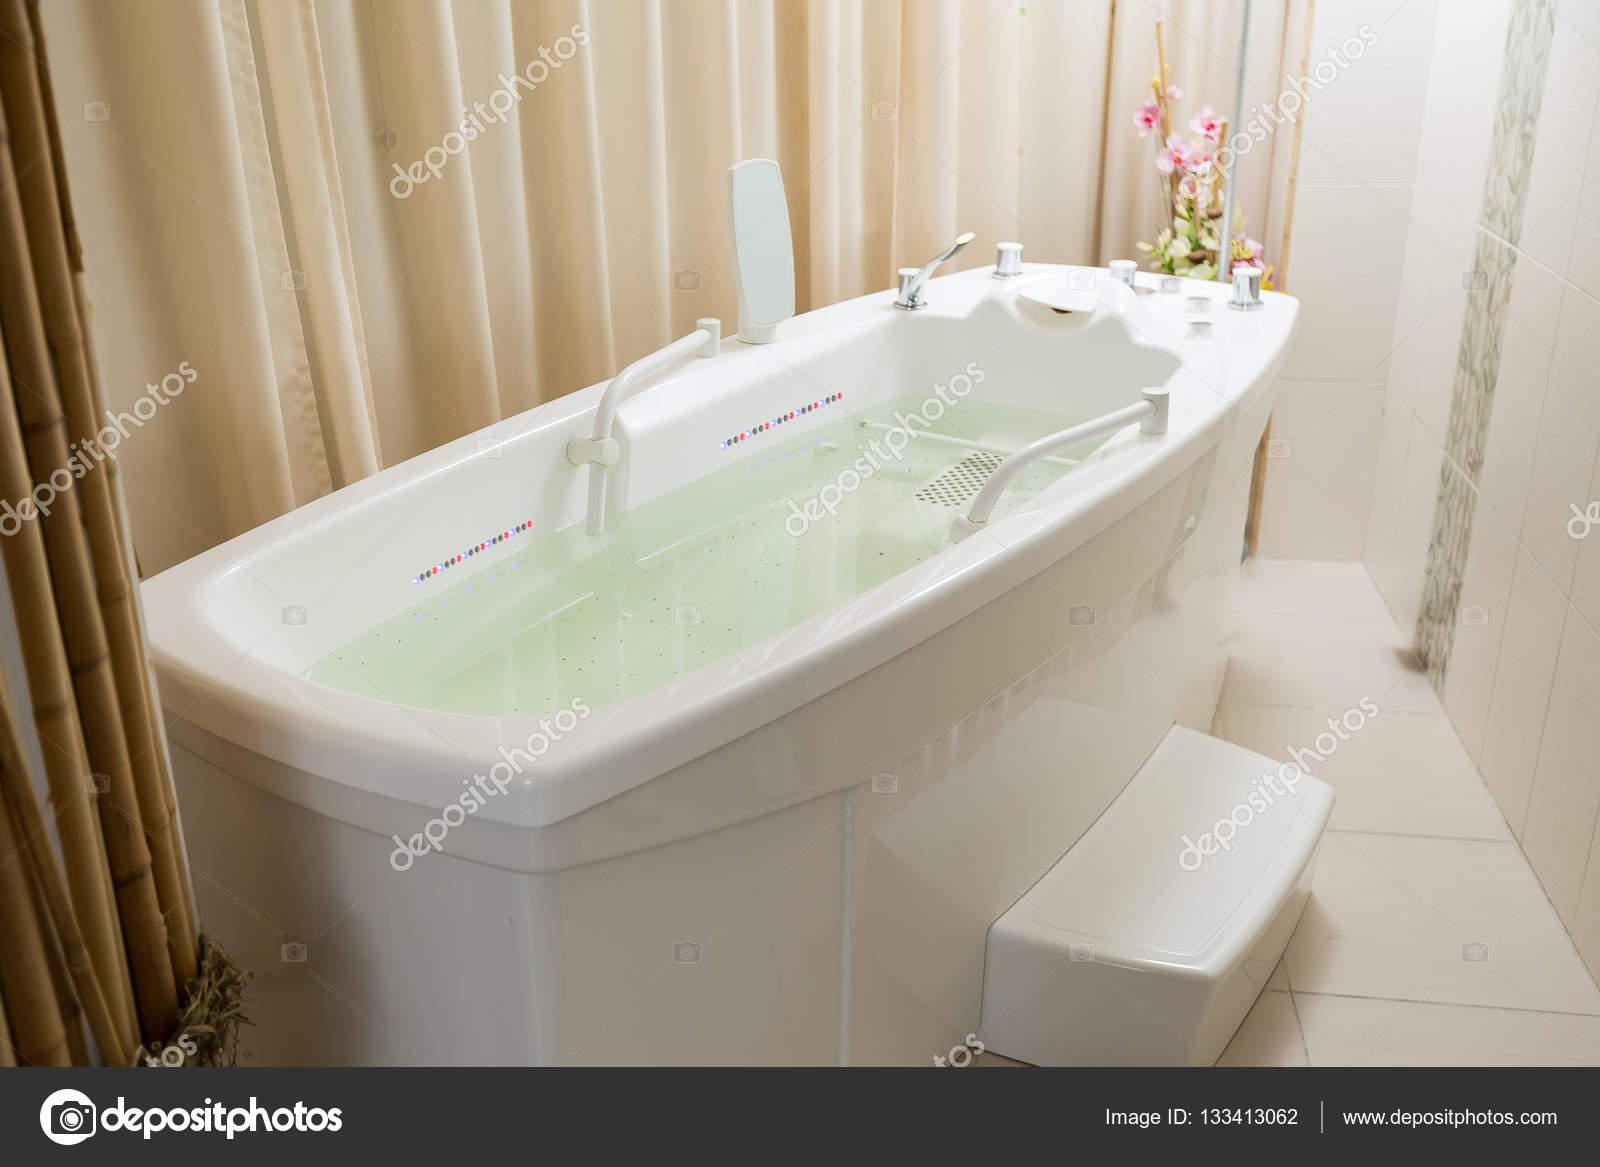 Vider le jacuzzi baignoire remplie d eau dans le spa photographie photonsk - Baignoire spa jacuzzi ...